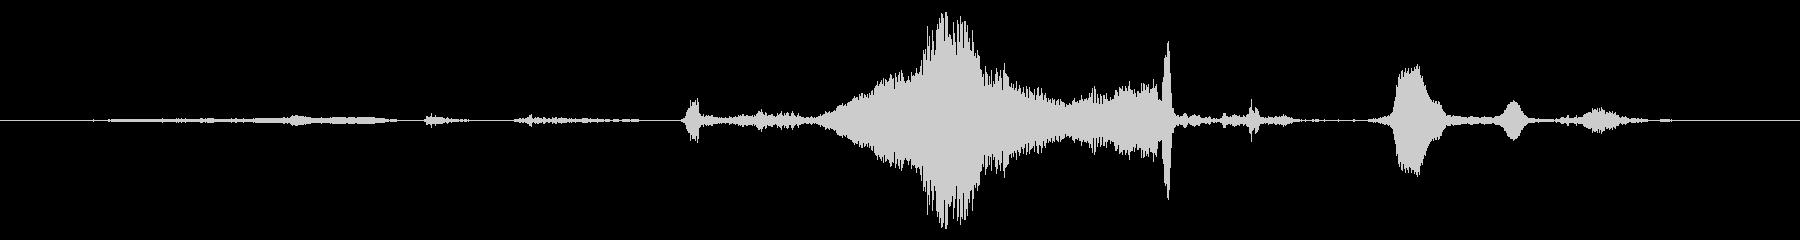 犬 GSP ワインロー06の未再生の波形